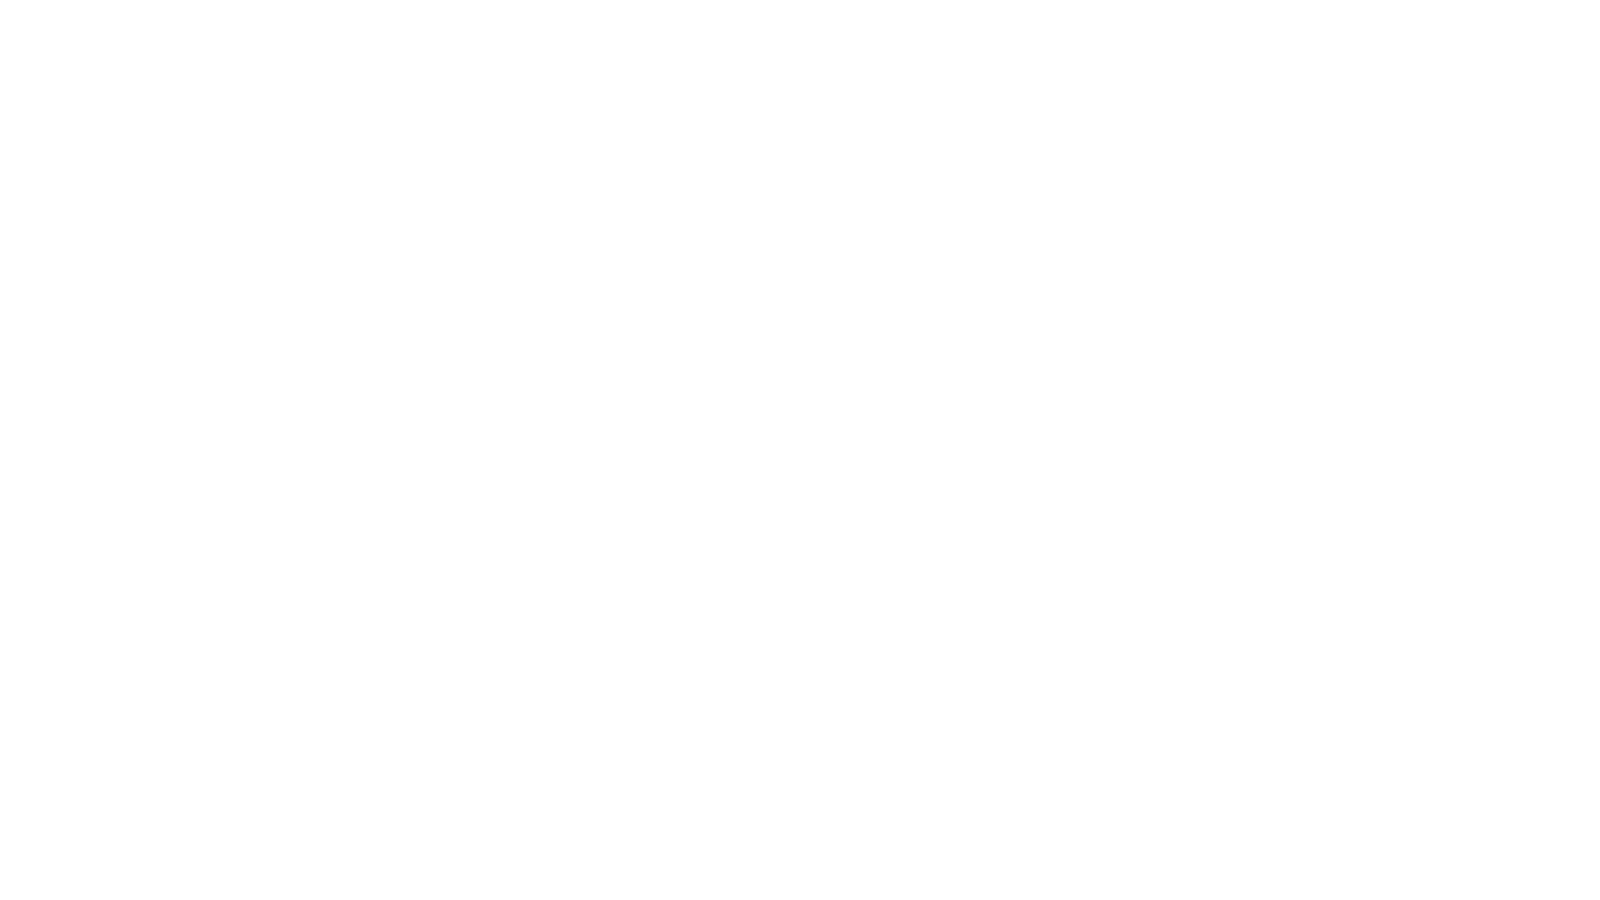 Vegard Nøtnæs og Bent Johan Mosfjell samtaler om Trumps vanvittige påstander om valgfusk før og etter presidentvalget. De snakker om hva som får folk til å tro på Trump og at det han driver med fremstår som å jukse til seg seieren i et valg som han tapte. Er det han driver med i grenseland til forsøk på statskupp?  Bent Johans hjørne spilles inn i biblioteket til Liberalerens redaktør, Bent Johan Mosfjell. Ulike gjester samtaler om emner som forhåpentligvis er av interesse for liberale mennesker.